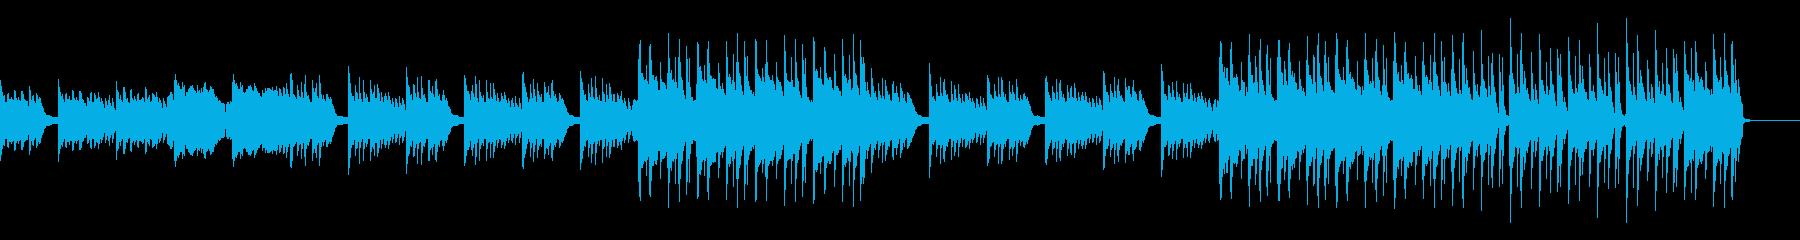 桜イメージの和風BGMの再生済みの波形